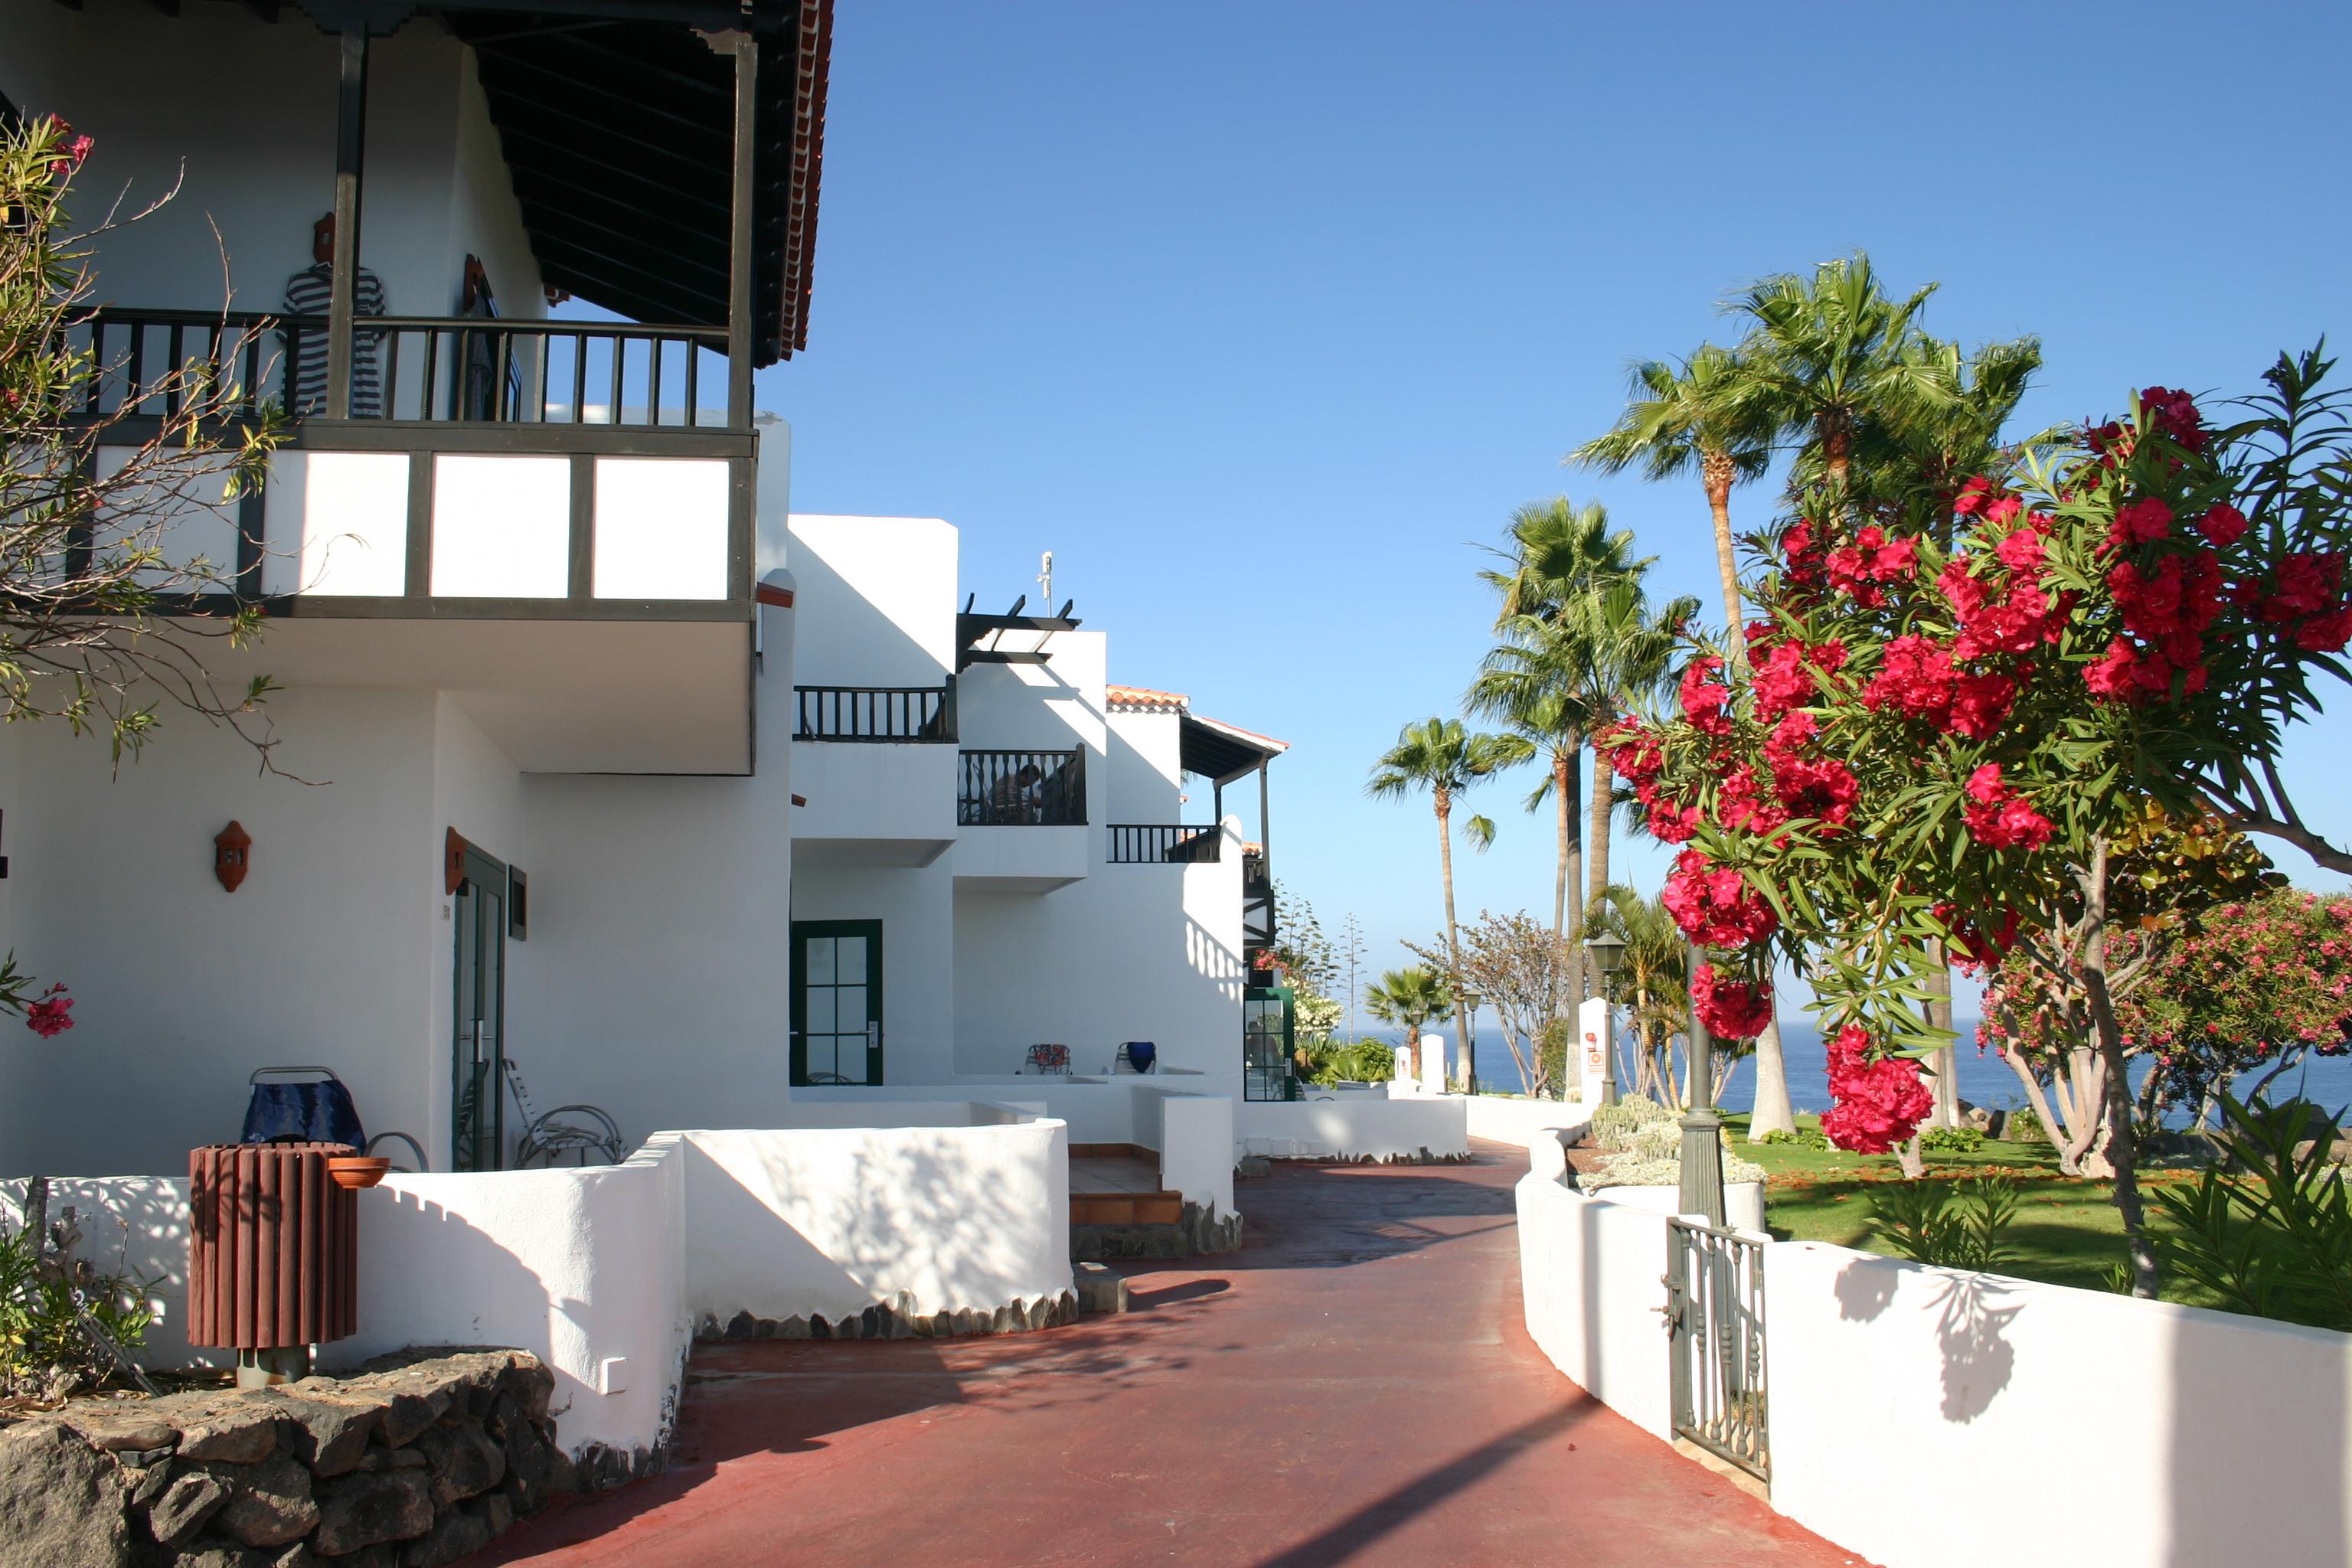 Hotel Jardin Tecina.jpg